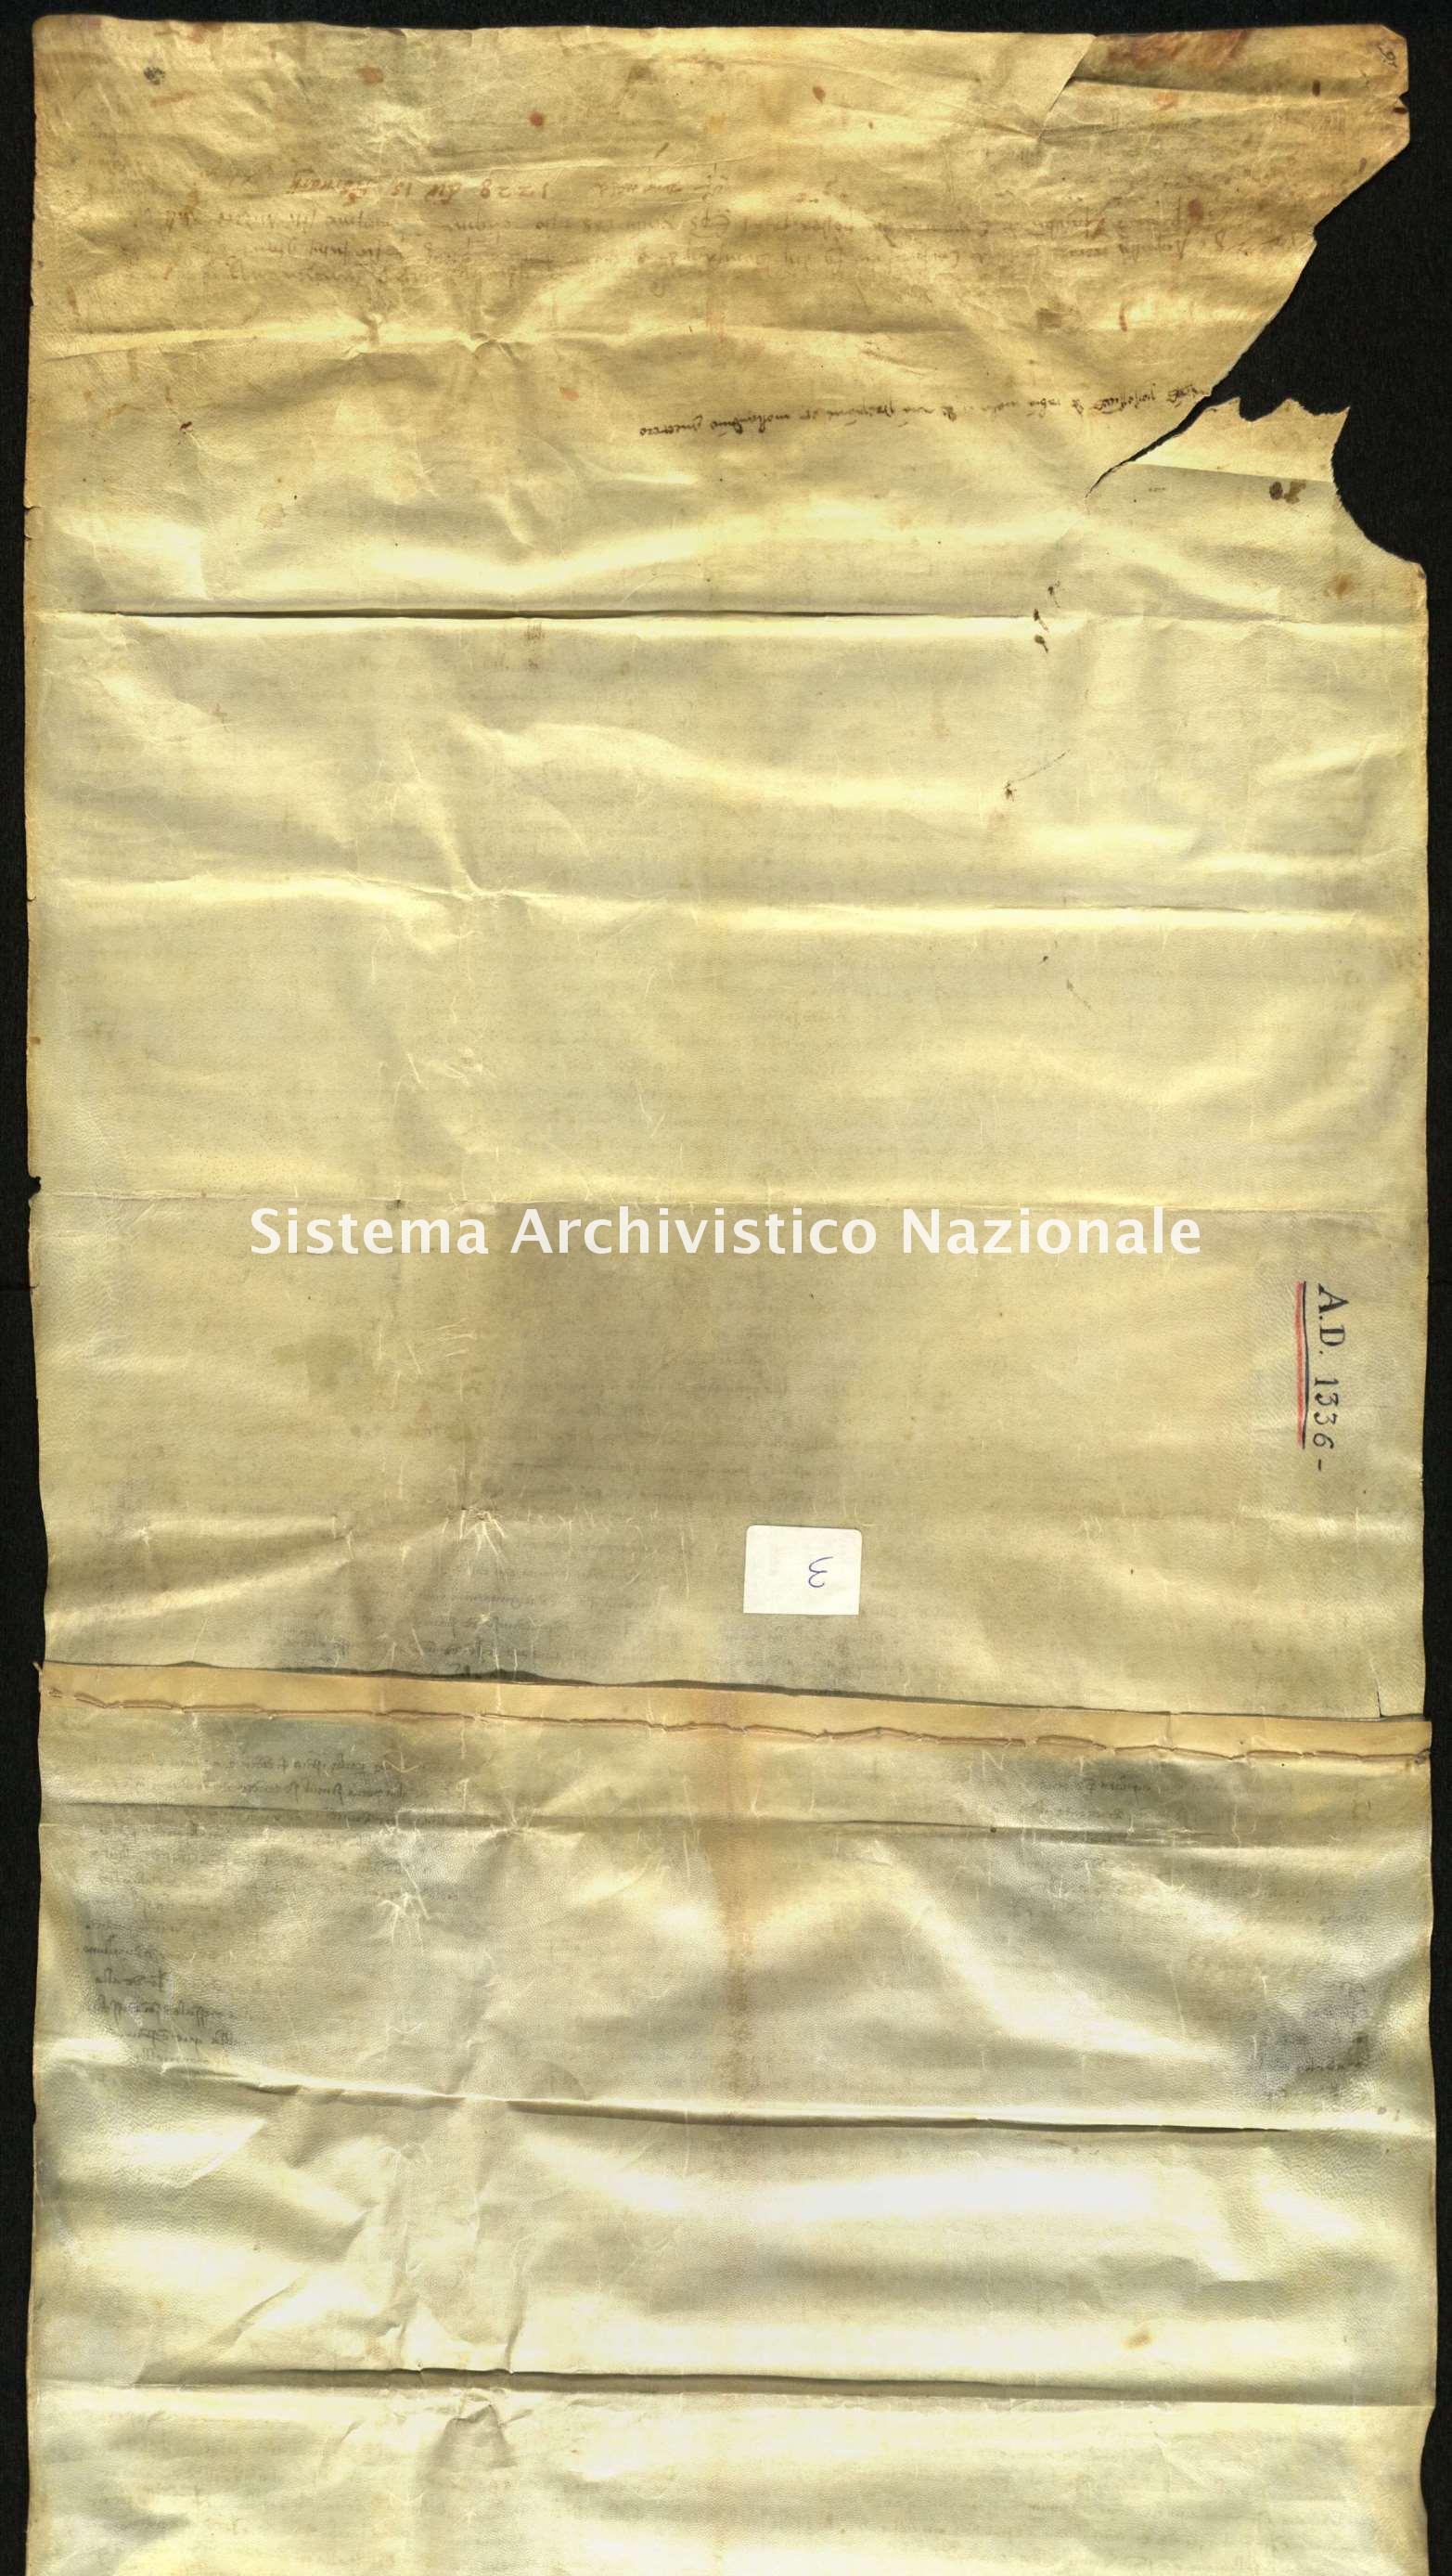 Archivio di Stato di Biella, Famiglia Gromo di Ternengo, 10 aprile 1336